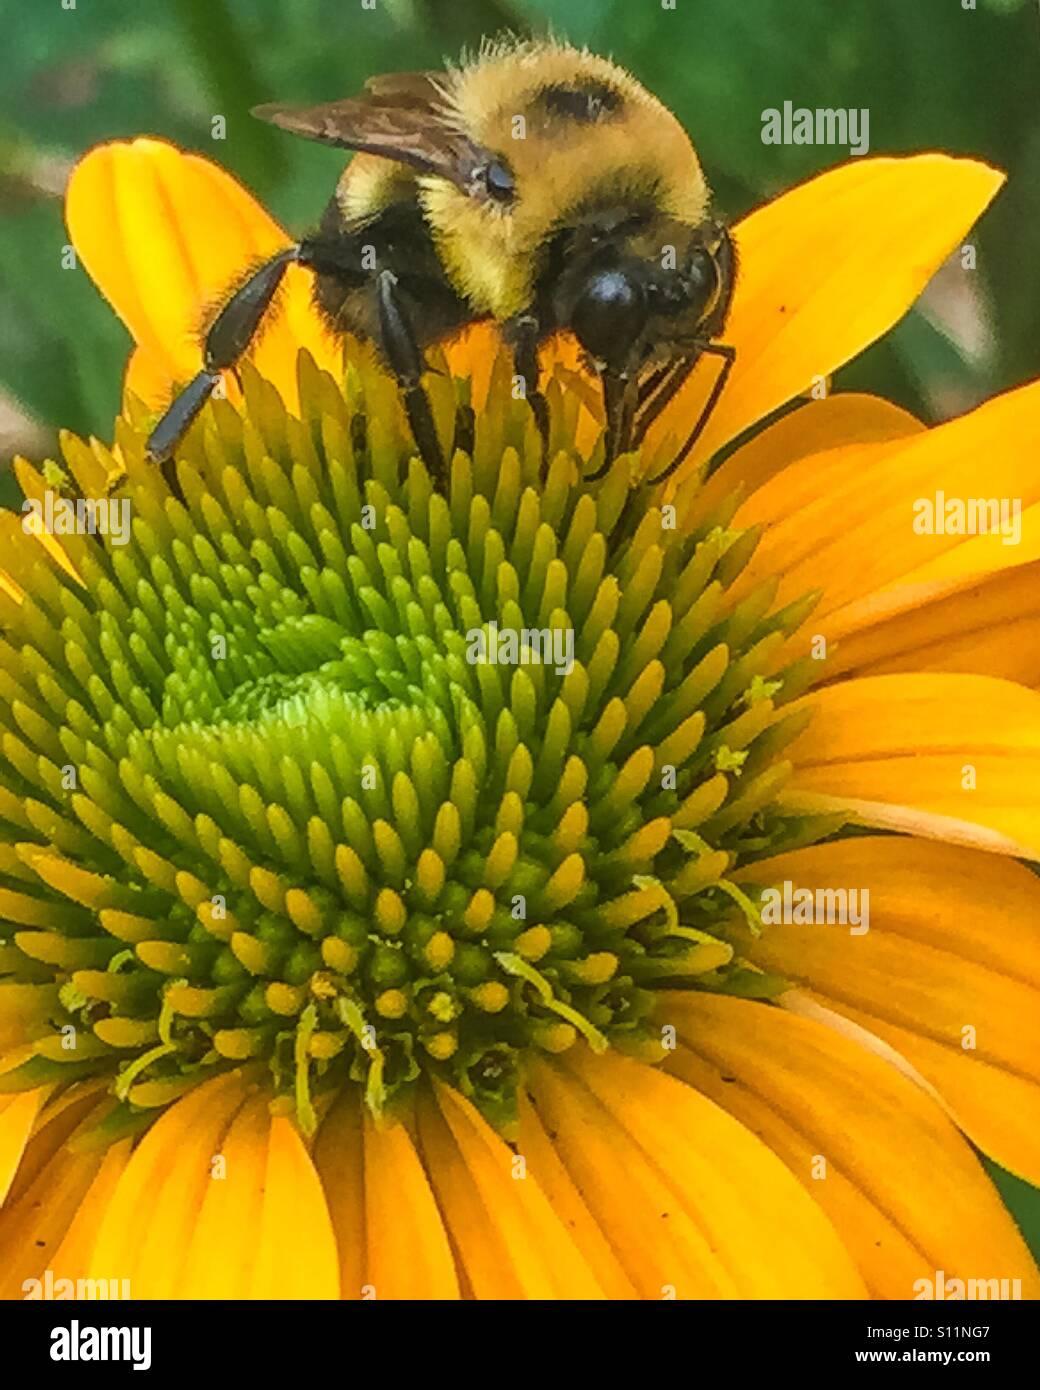 Bourdon pollinisateur, la fleur. Banque D'Images